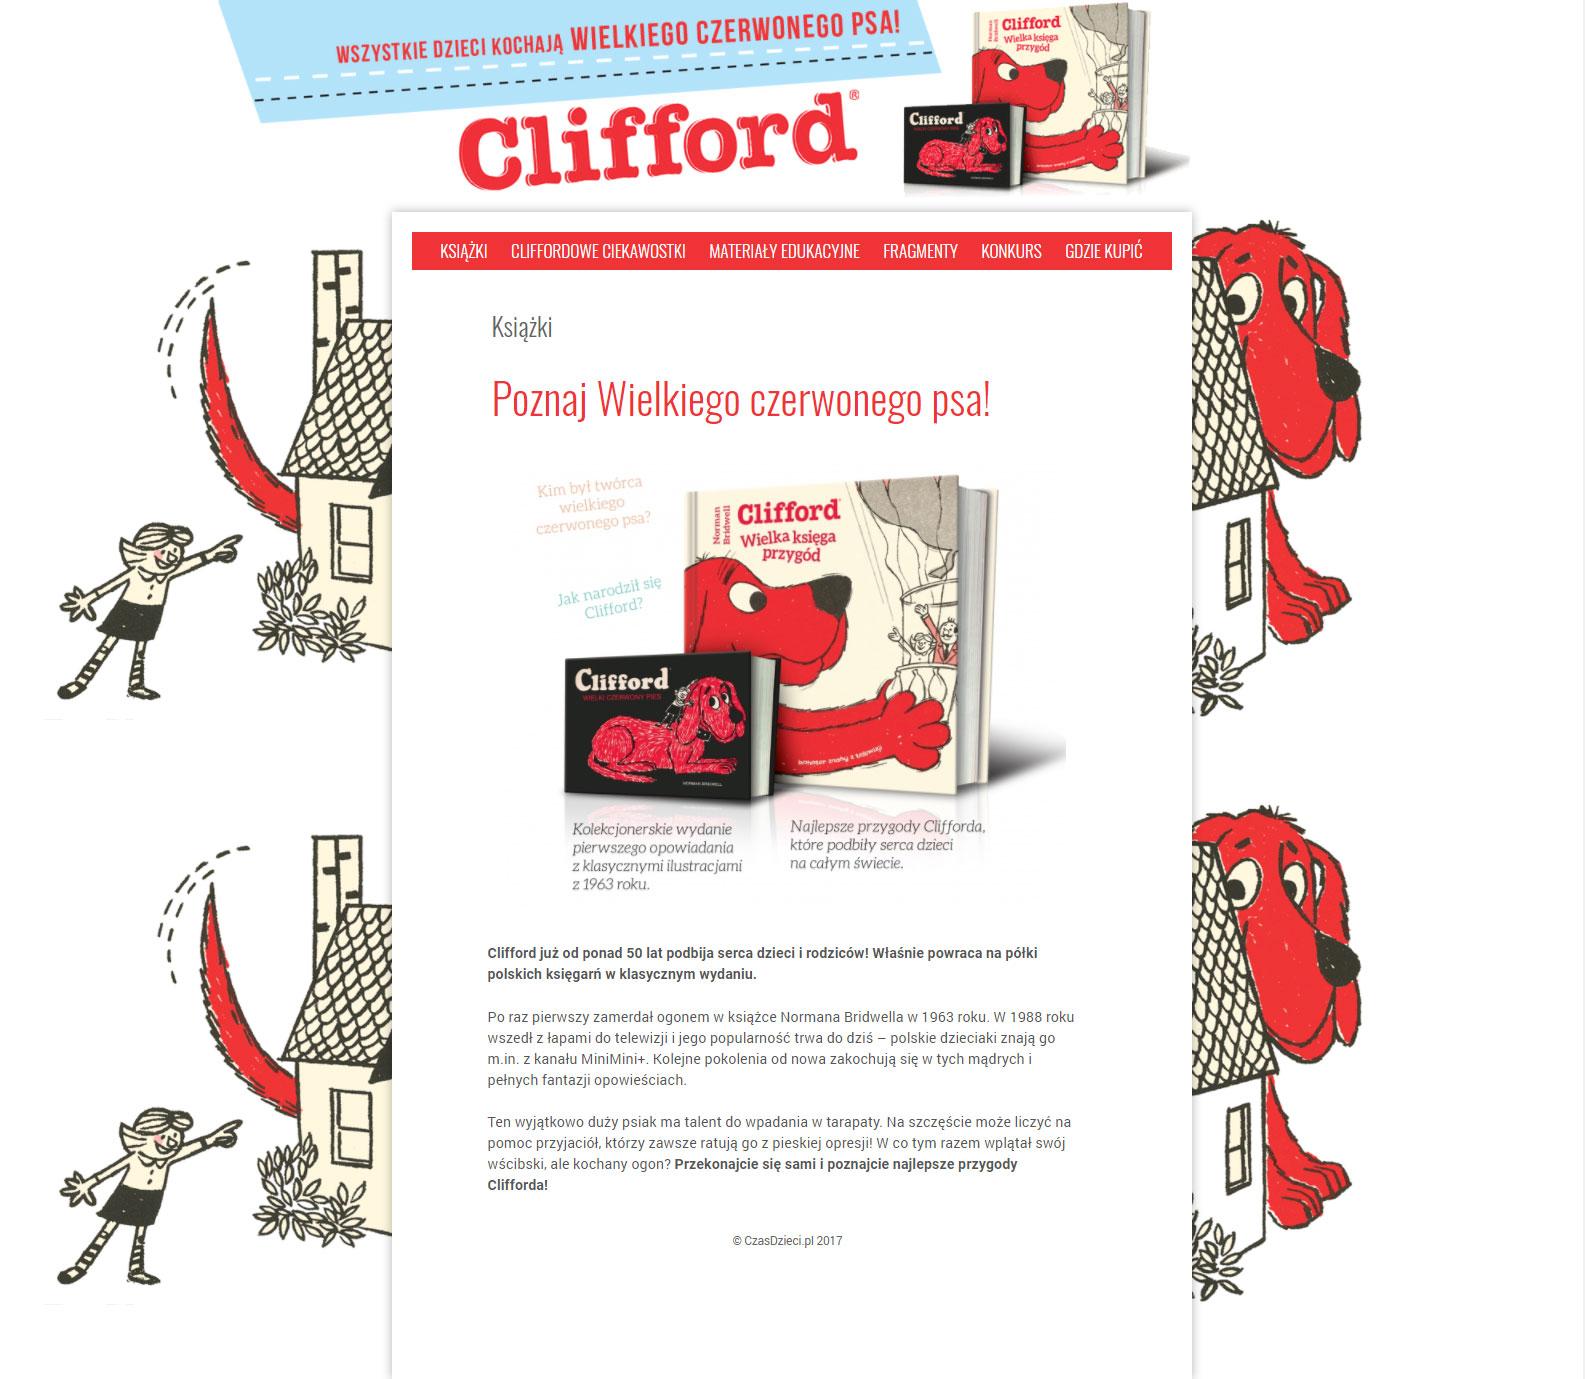 clifford_znak